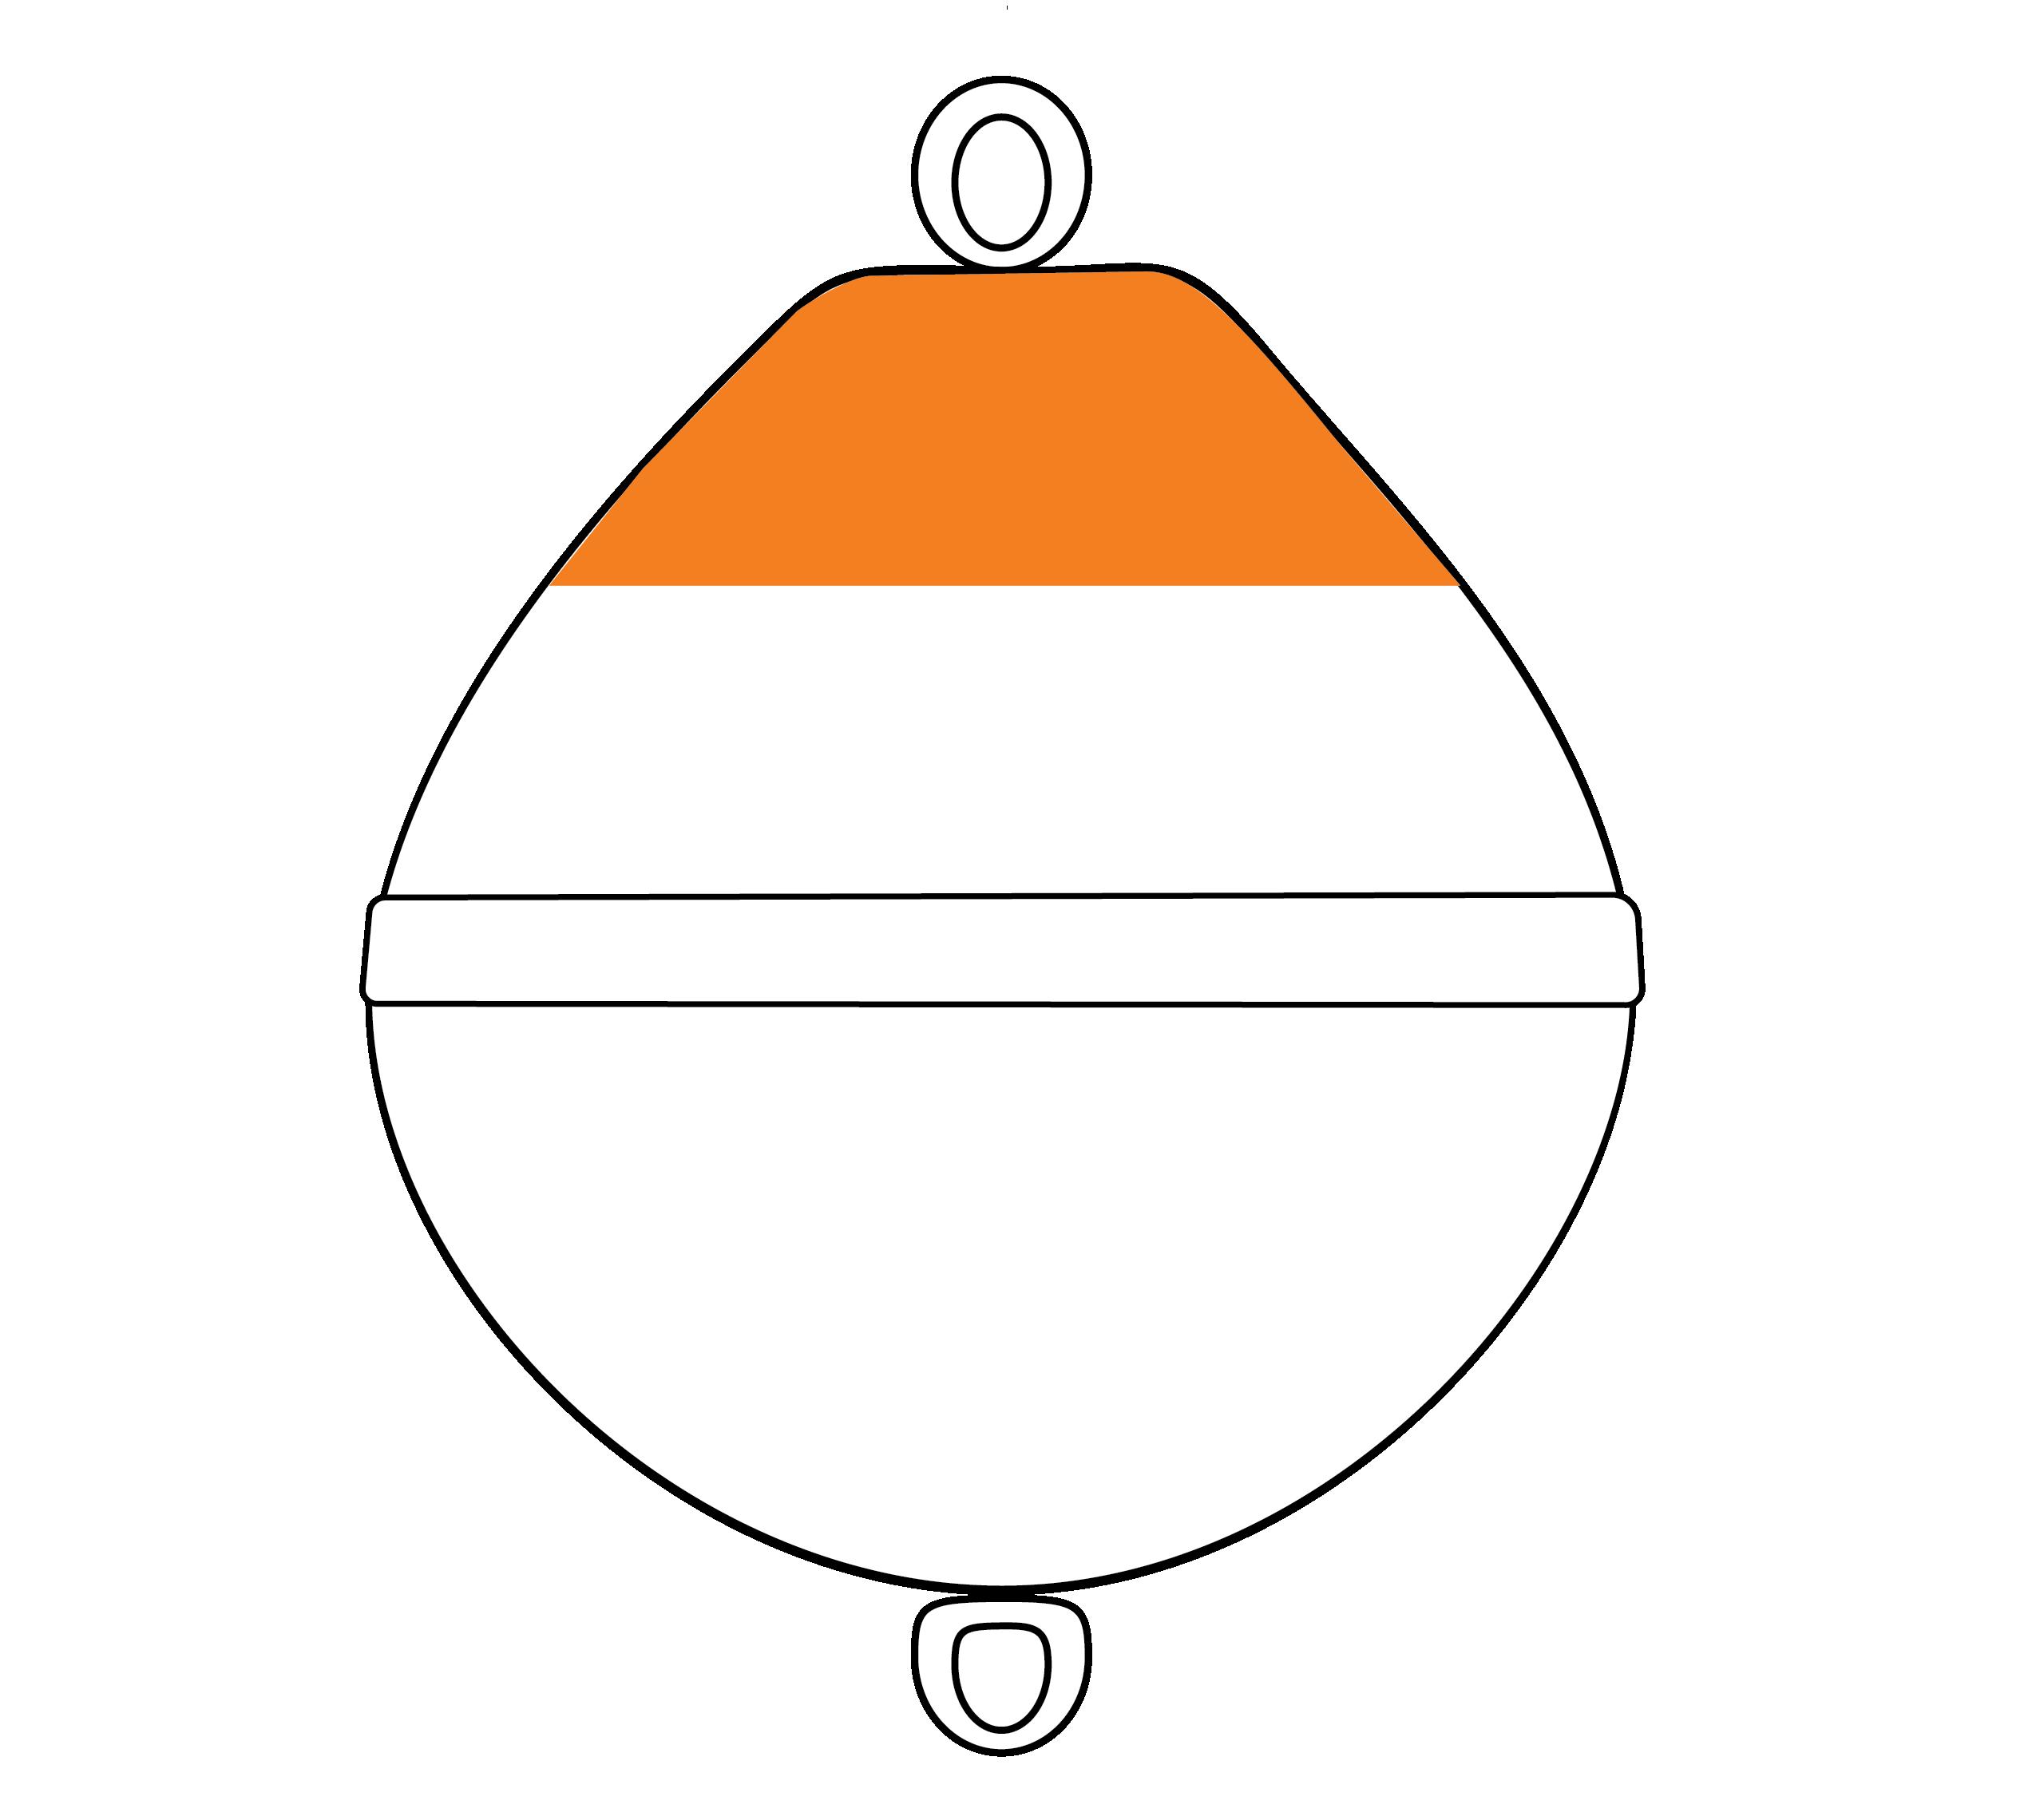 hyd_bouee_amarrage orange